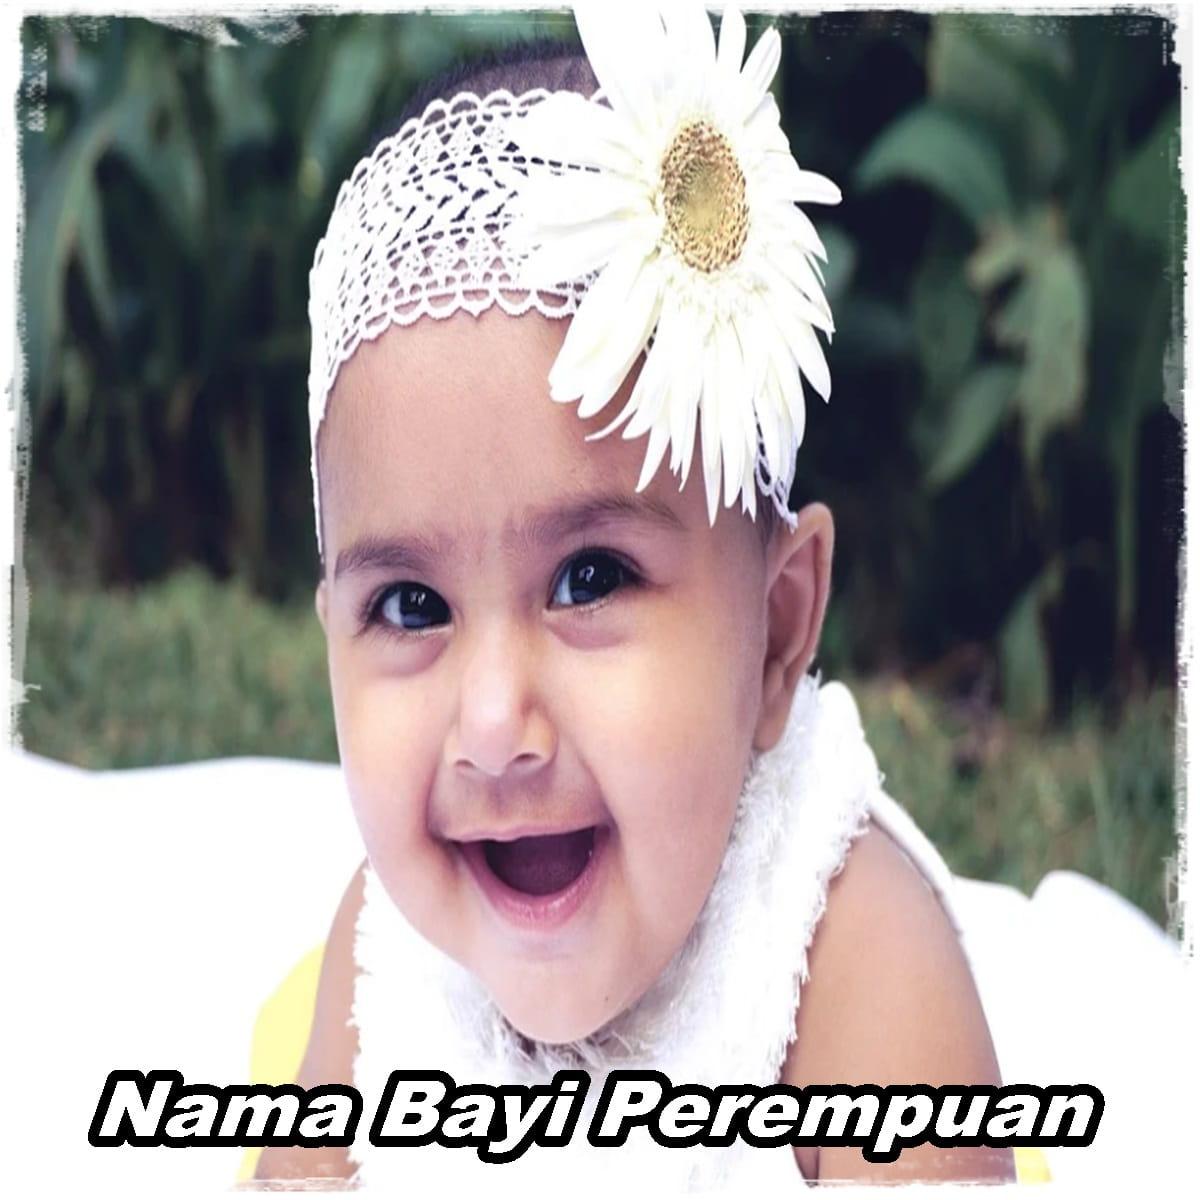 Nama Bayi Perempuan yg Lahir di Bulan Ramadhan Beserta Artinya